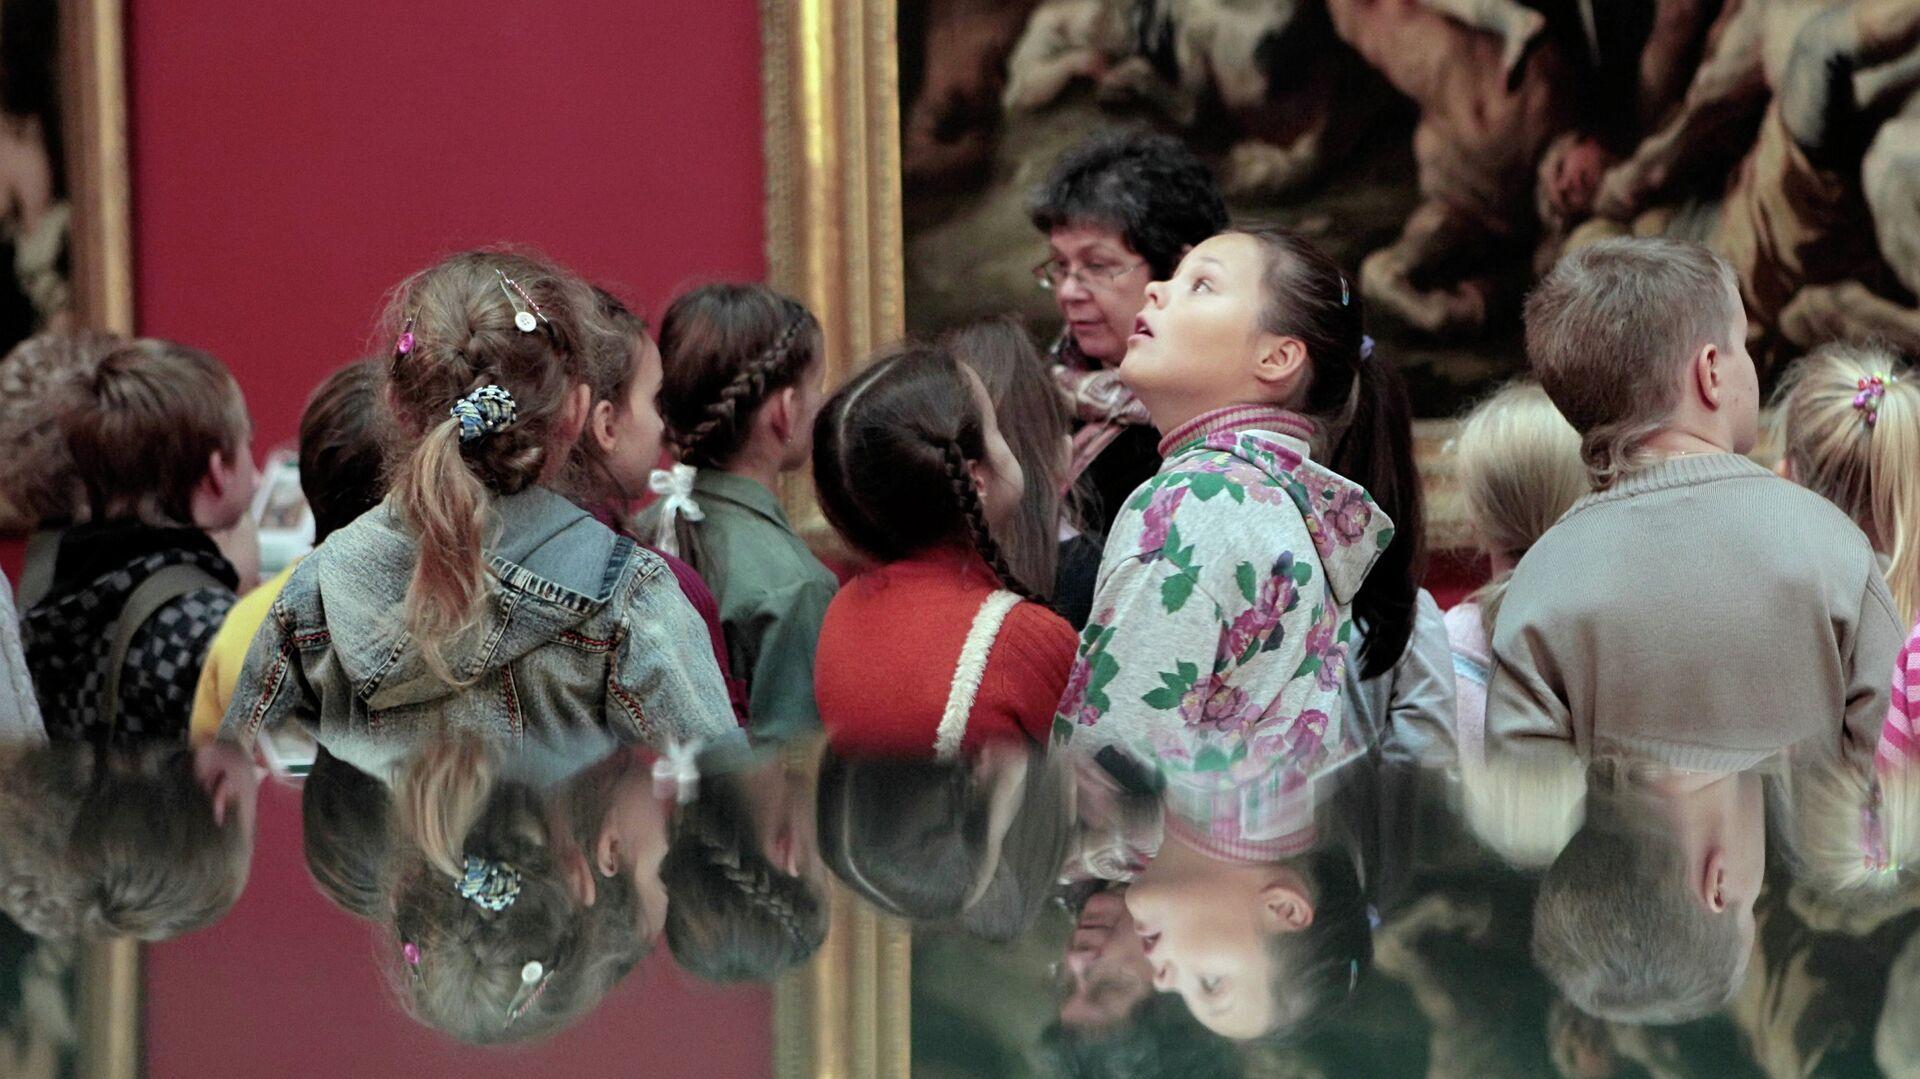 Школьники осматривают экспозицию в одном из залов Государственного Эрмитажа - РИА Новости, 1920, 02.03.2021